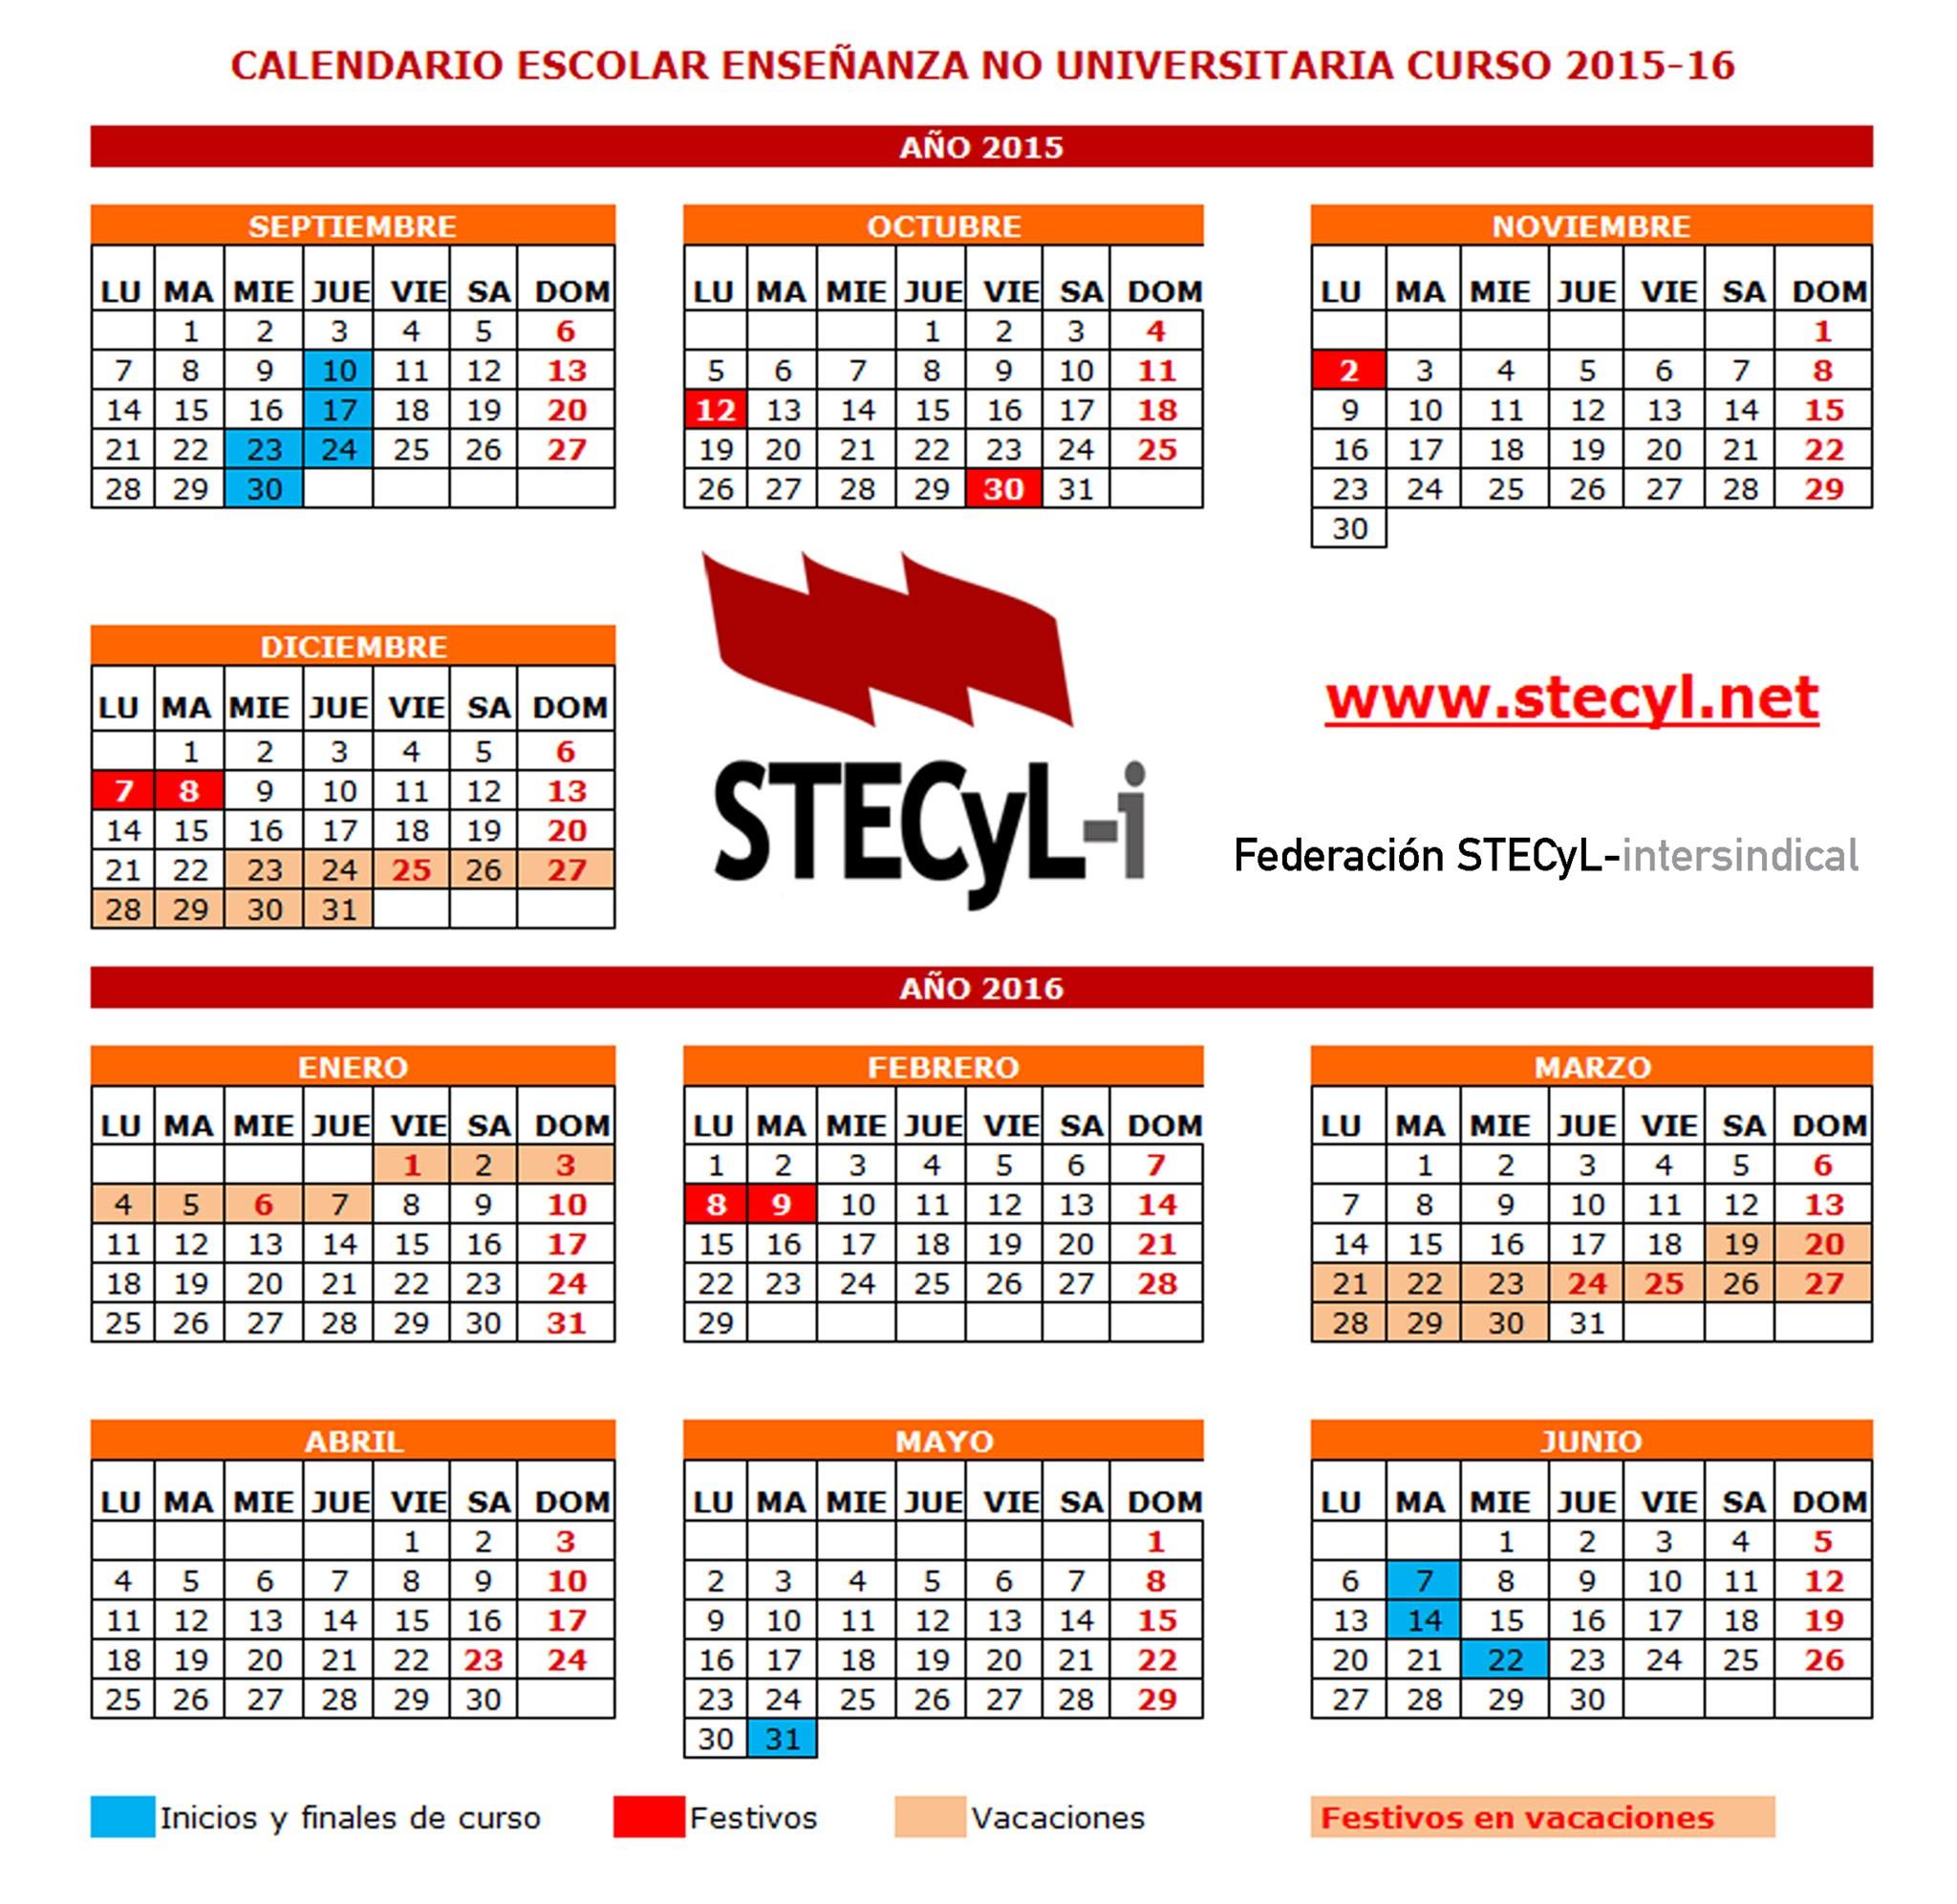 Calendario 2019 Con Festivos Valencia Más Actual Calendario Laboral 2019 Gva Seonegativo Of Calendario 2019 Con Festivos Valencia Más Recientemente Liberado Calaméo Gara